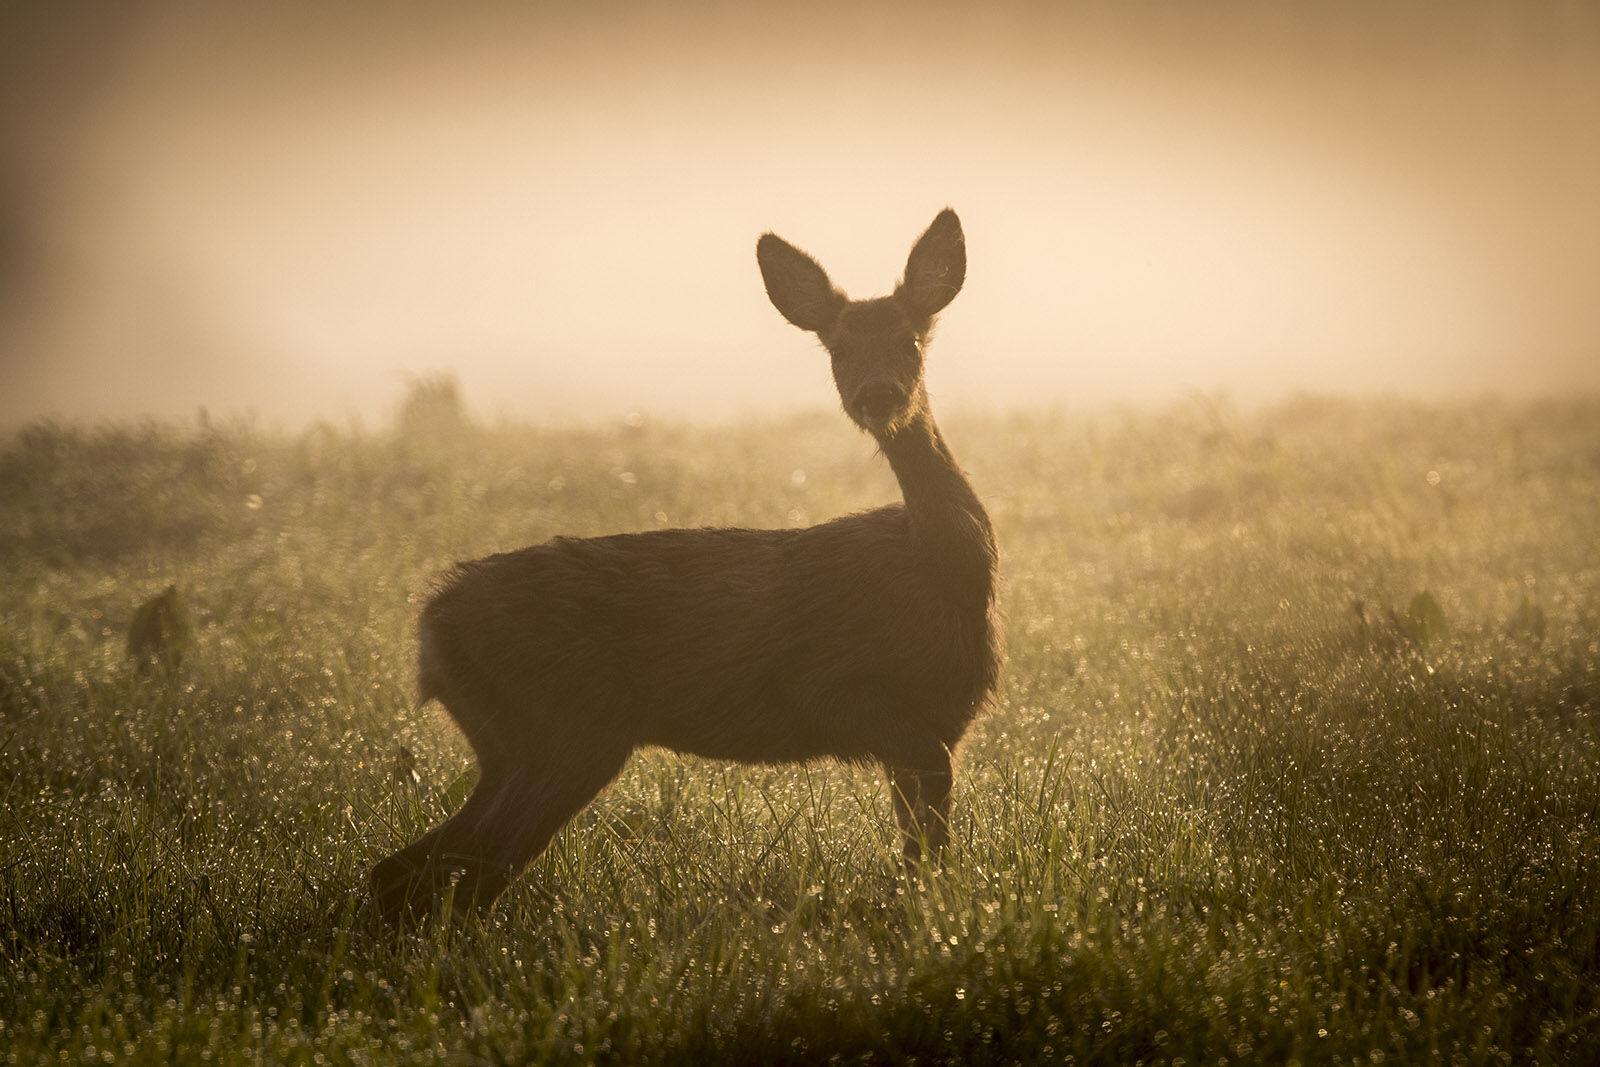 The curious deer.